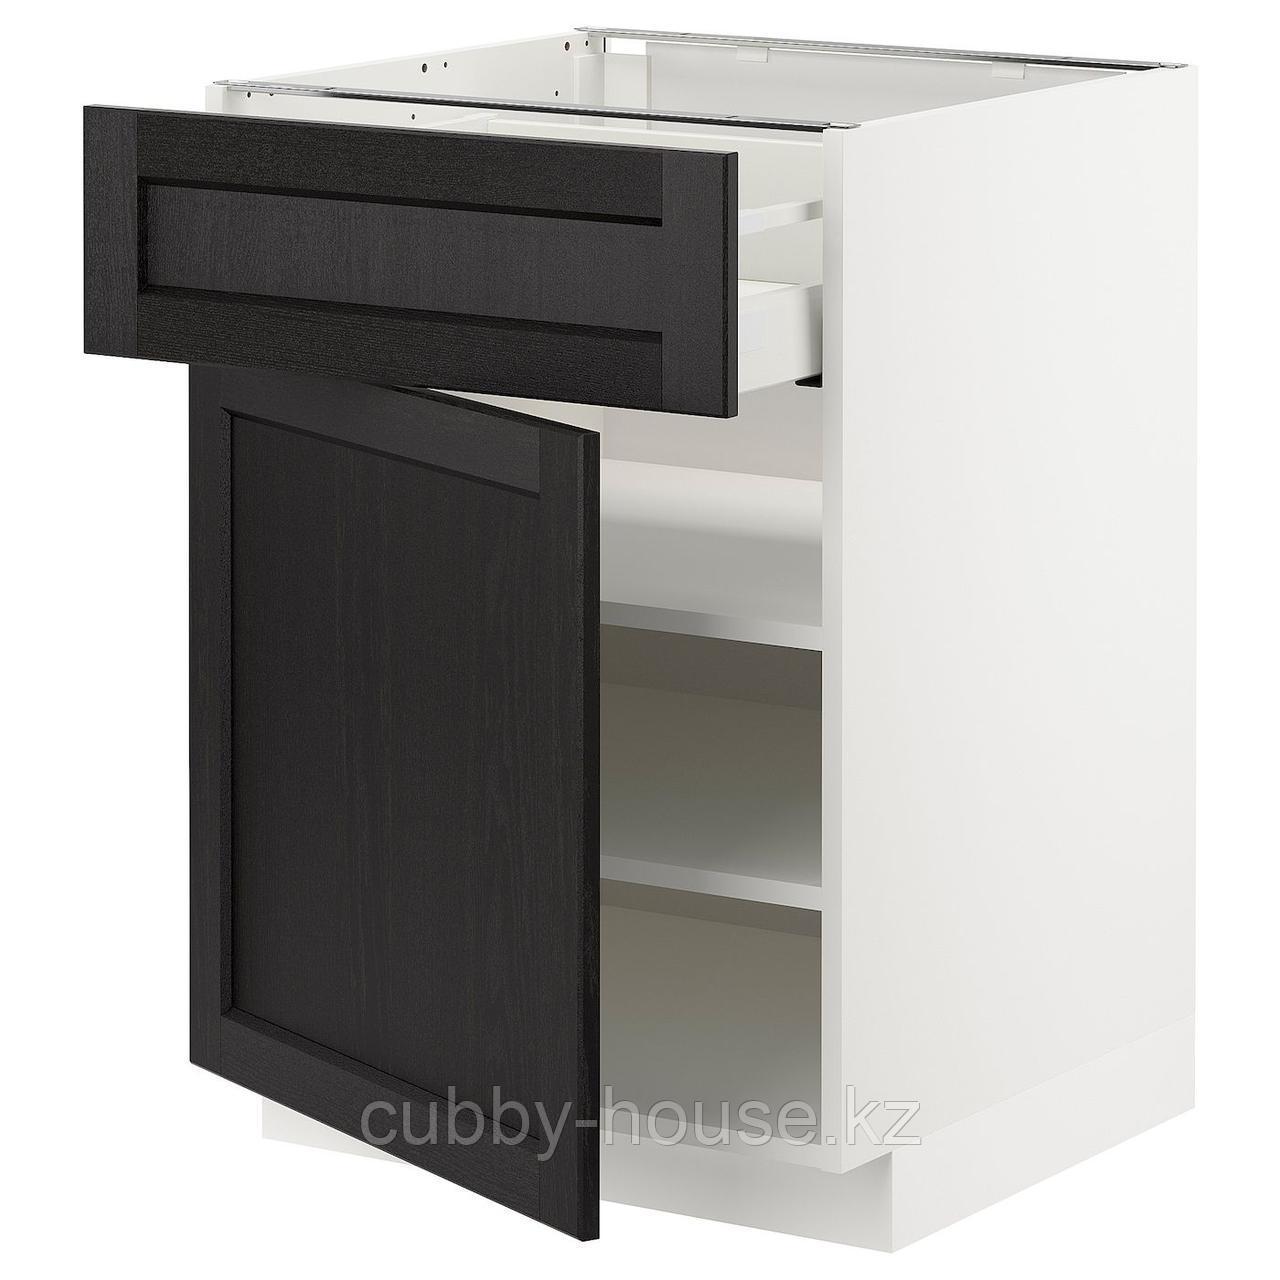 МЕТОД / МАКСИМЕРА Напольный шкаф с ящиком/дверью, черный, Лерхюттан черная морилка, 60x60 см